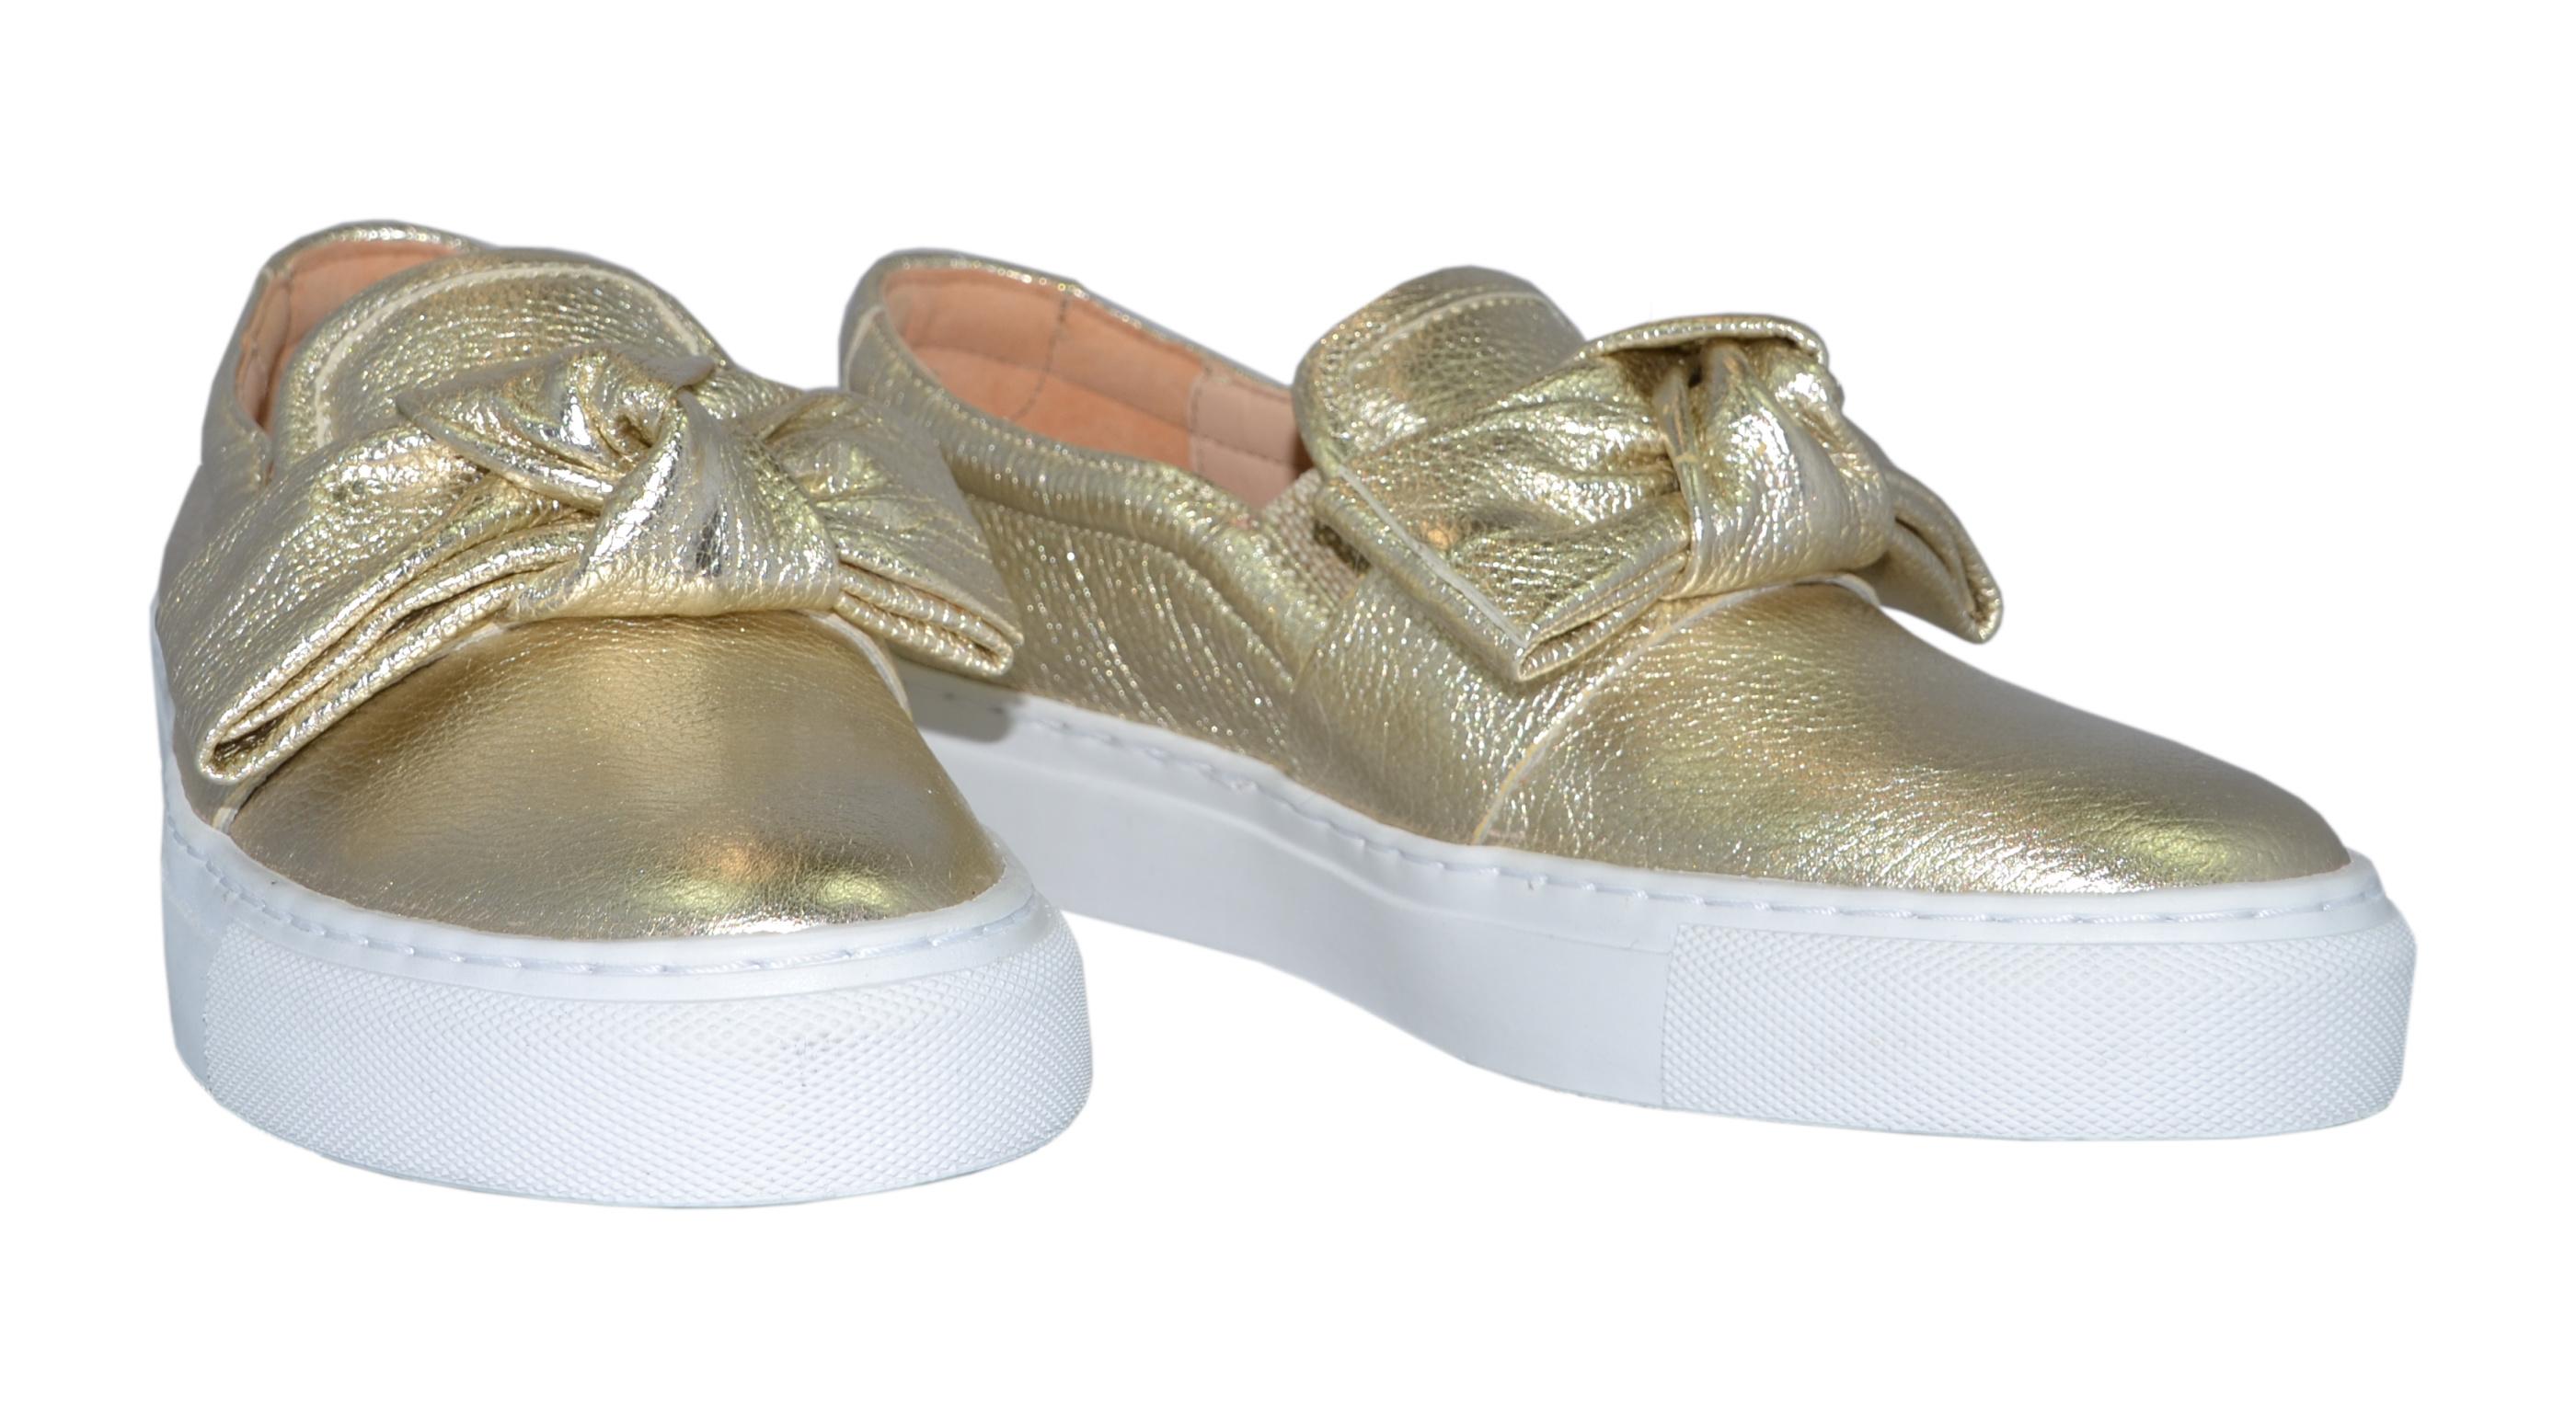 billibi-guld-sneaker-rosett-cometariometal-2